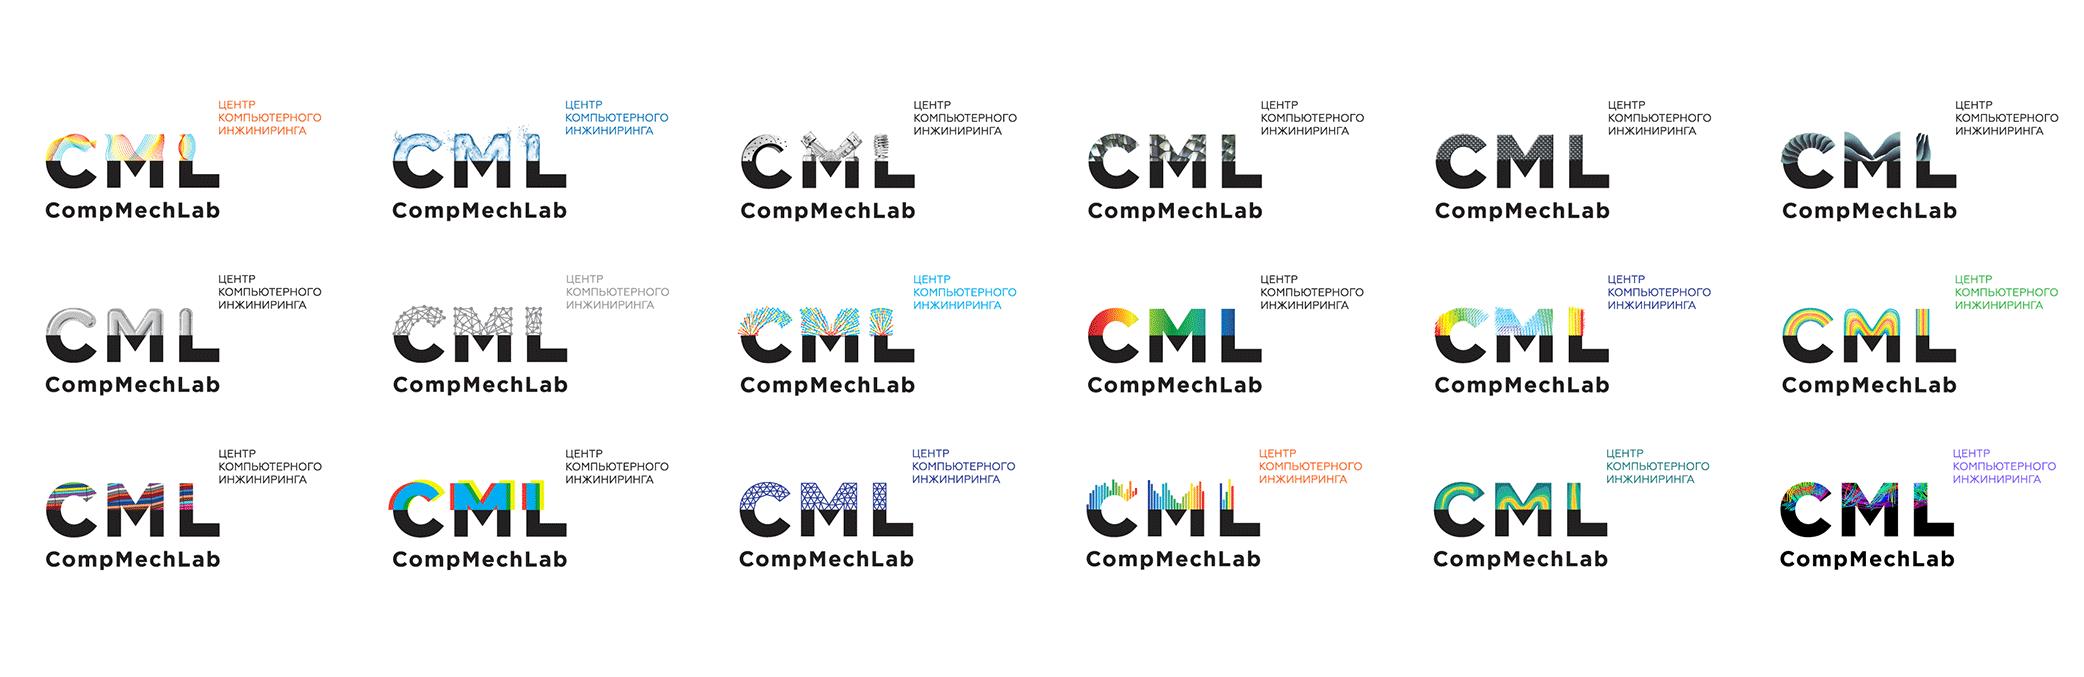 CompMechLab